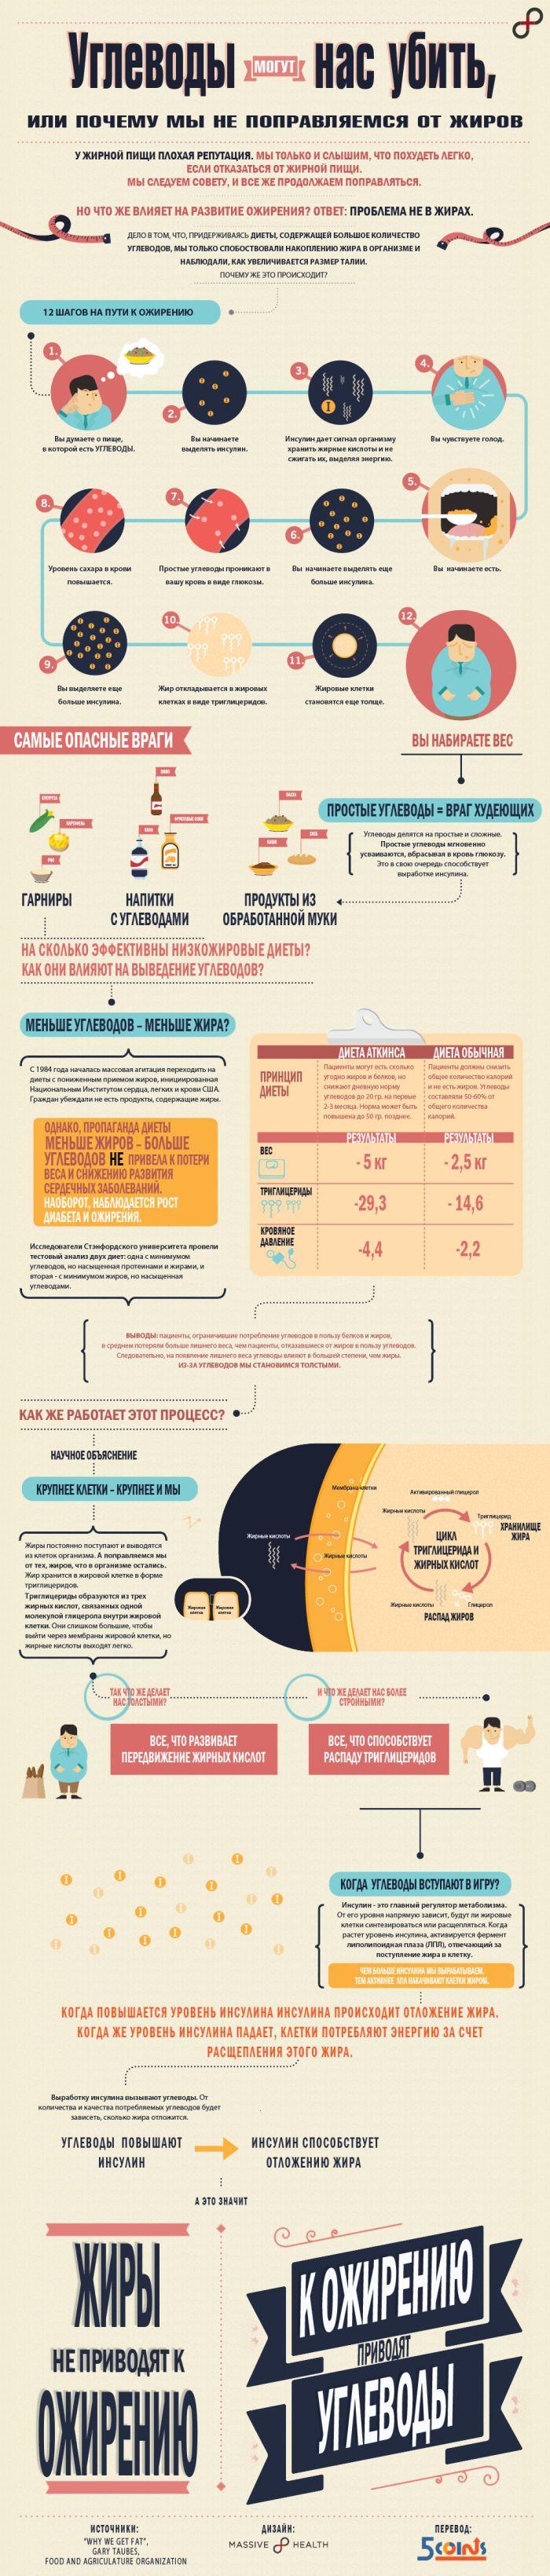 Углеводы могут нас убить, или почему мы не поправляемся от жиров (1 картинка)